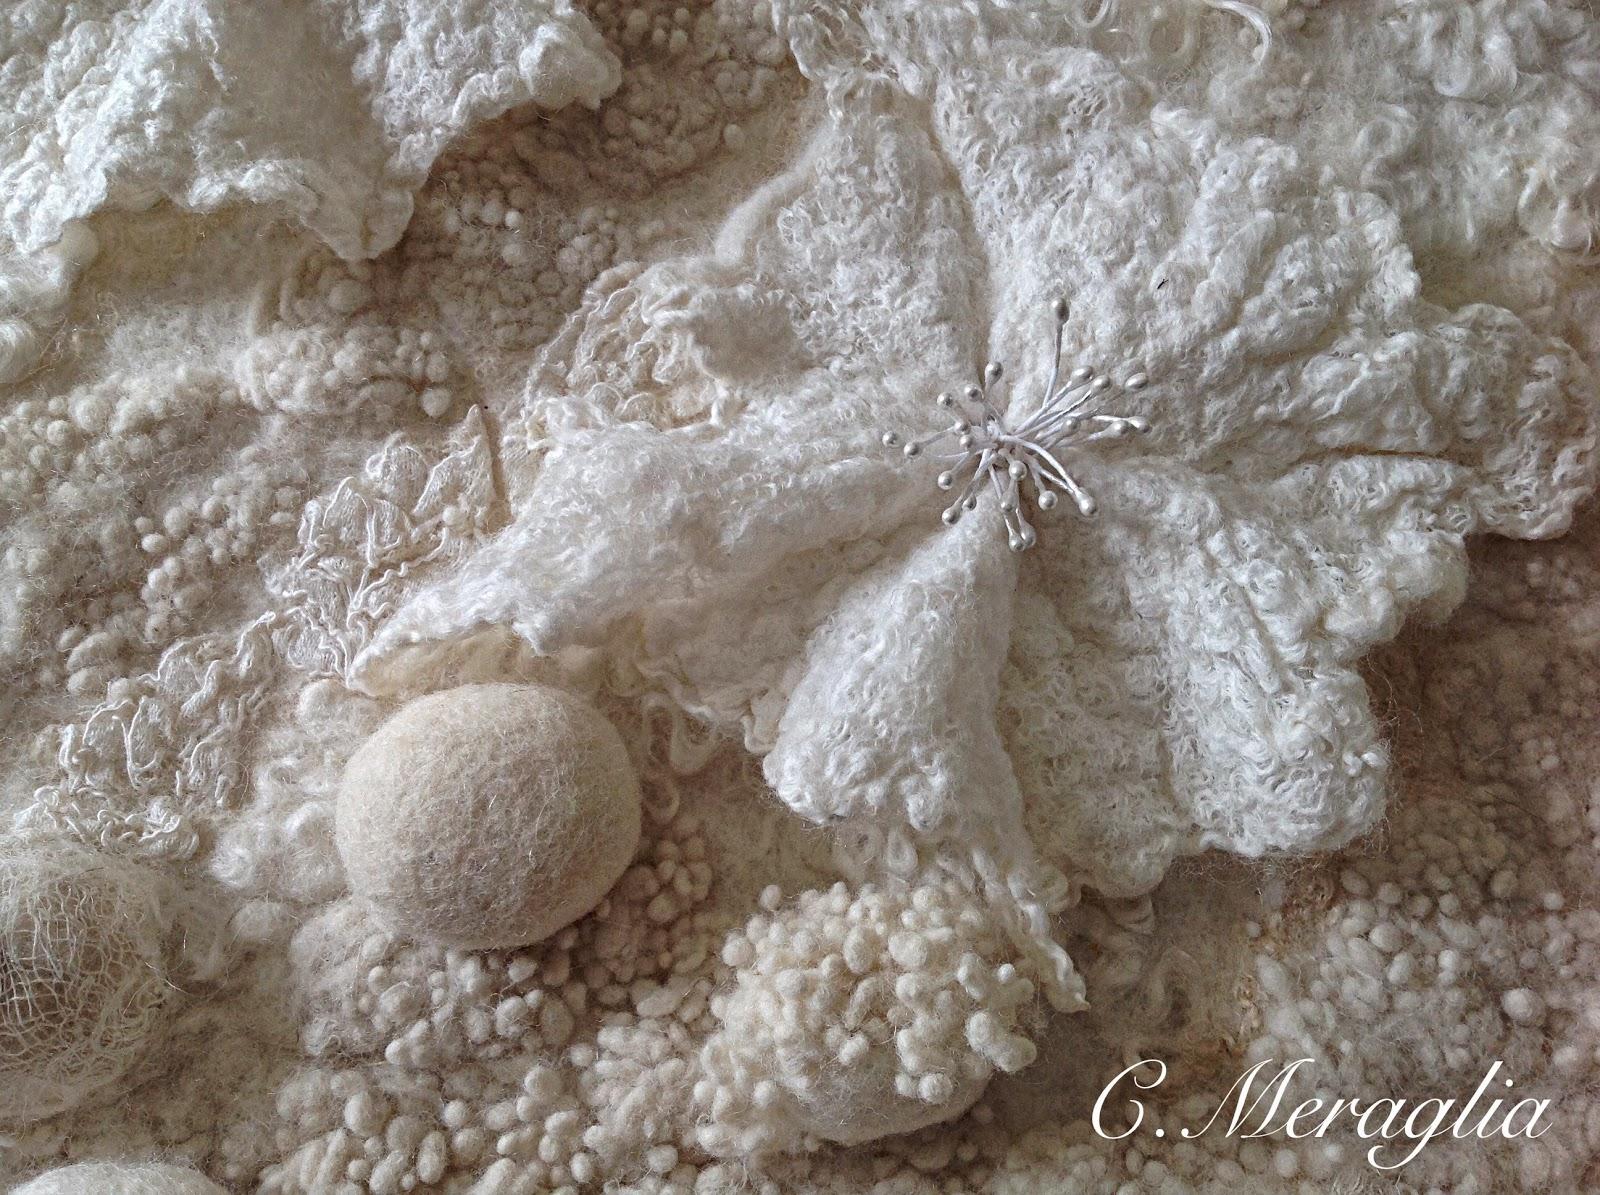 Aventures textiles le jardin imaginaire for Le jardin imaginaire